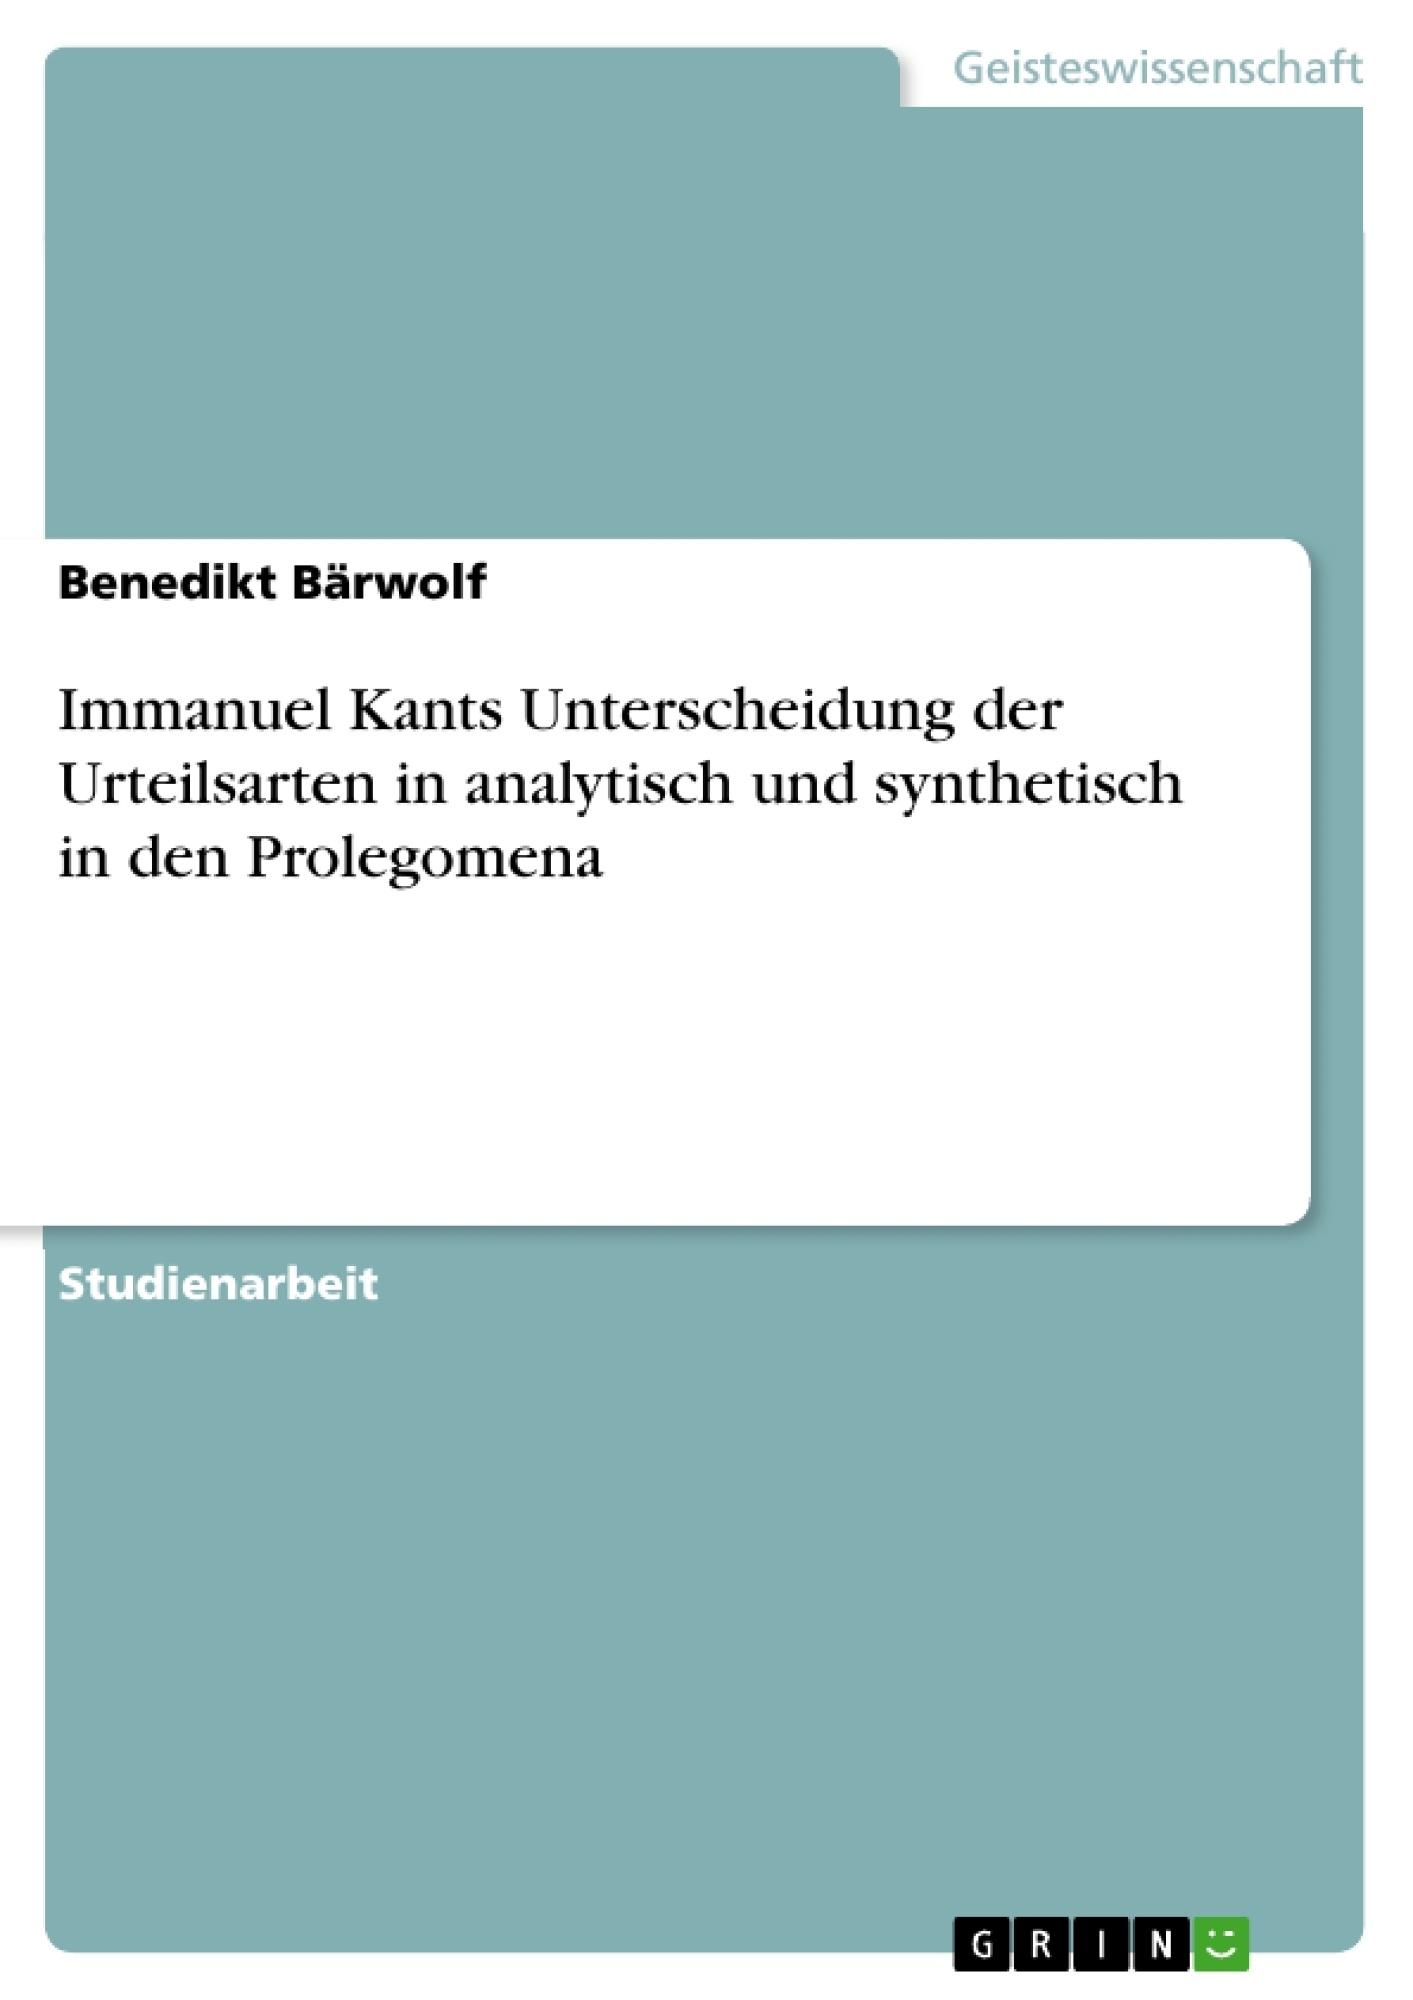 Titel: Immanuel Kants Unterscheidung der Urteilsarten in analytisch und synthetisch in den Prolegomena